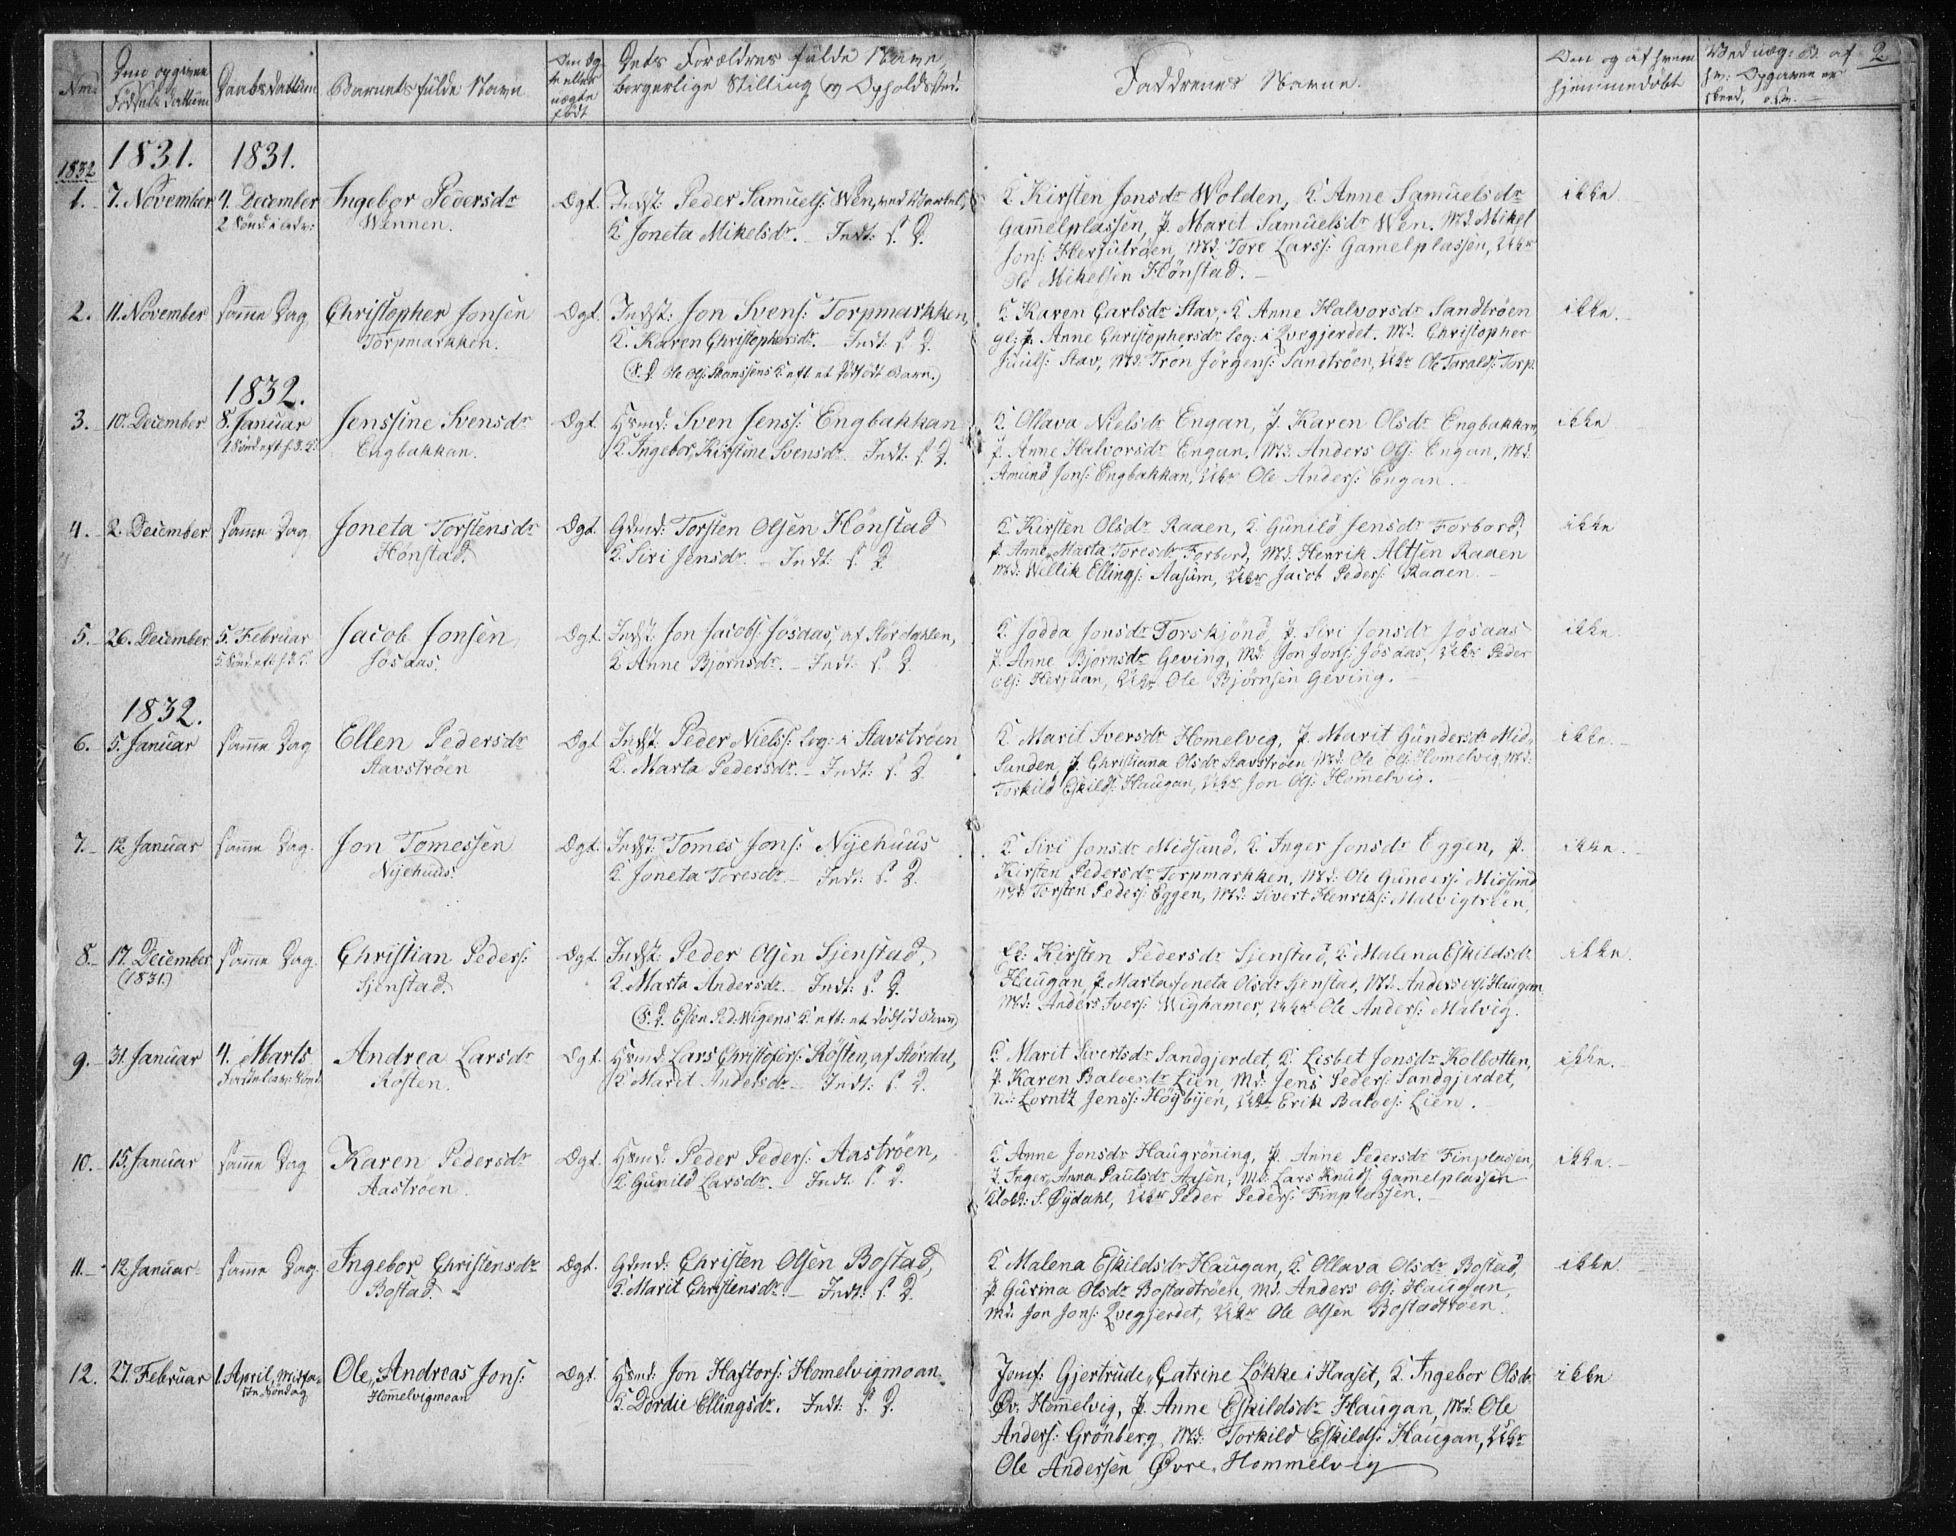 SAT, Ministerialprotokoller, klokkerbøker og fødselsregistre - Sør-Trøndelag, 616/L0405: Ministerialbok nr. 616A02, 1831-1842, s. 2